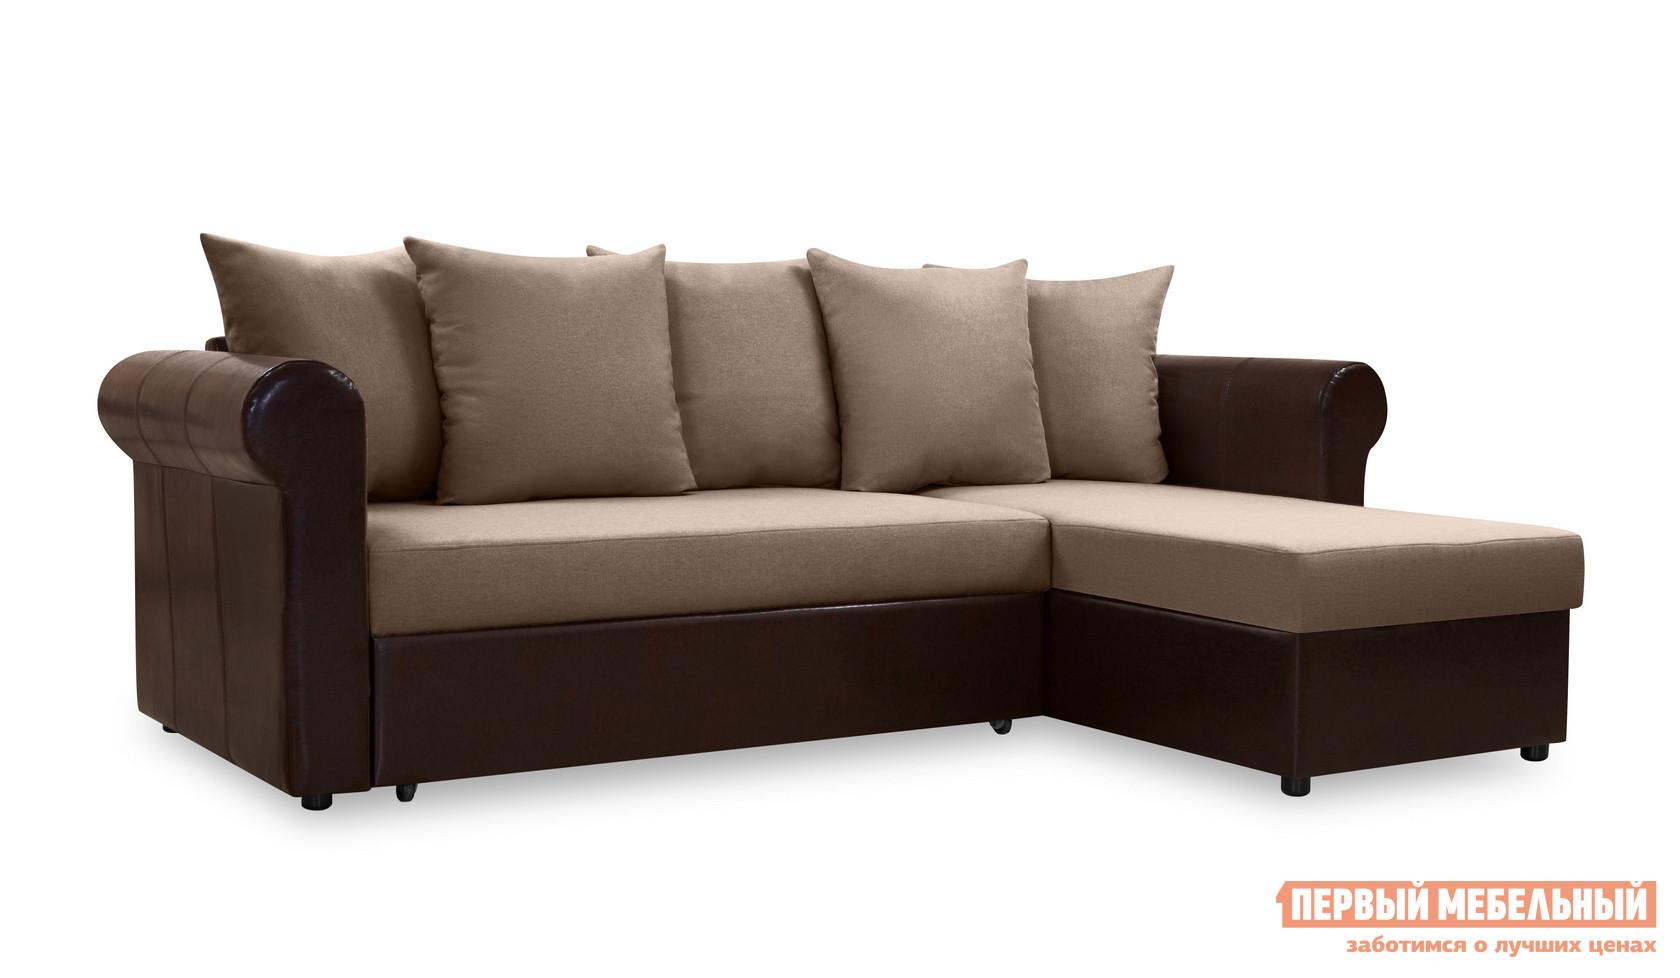 Угловой диван Клинская мебельная компания Марсель угловой